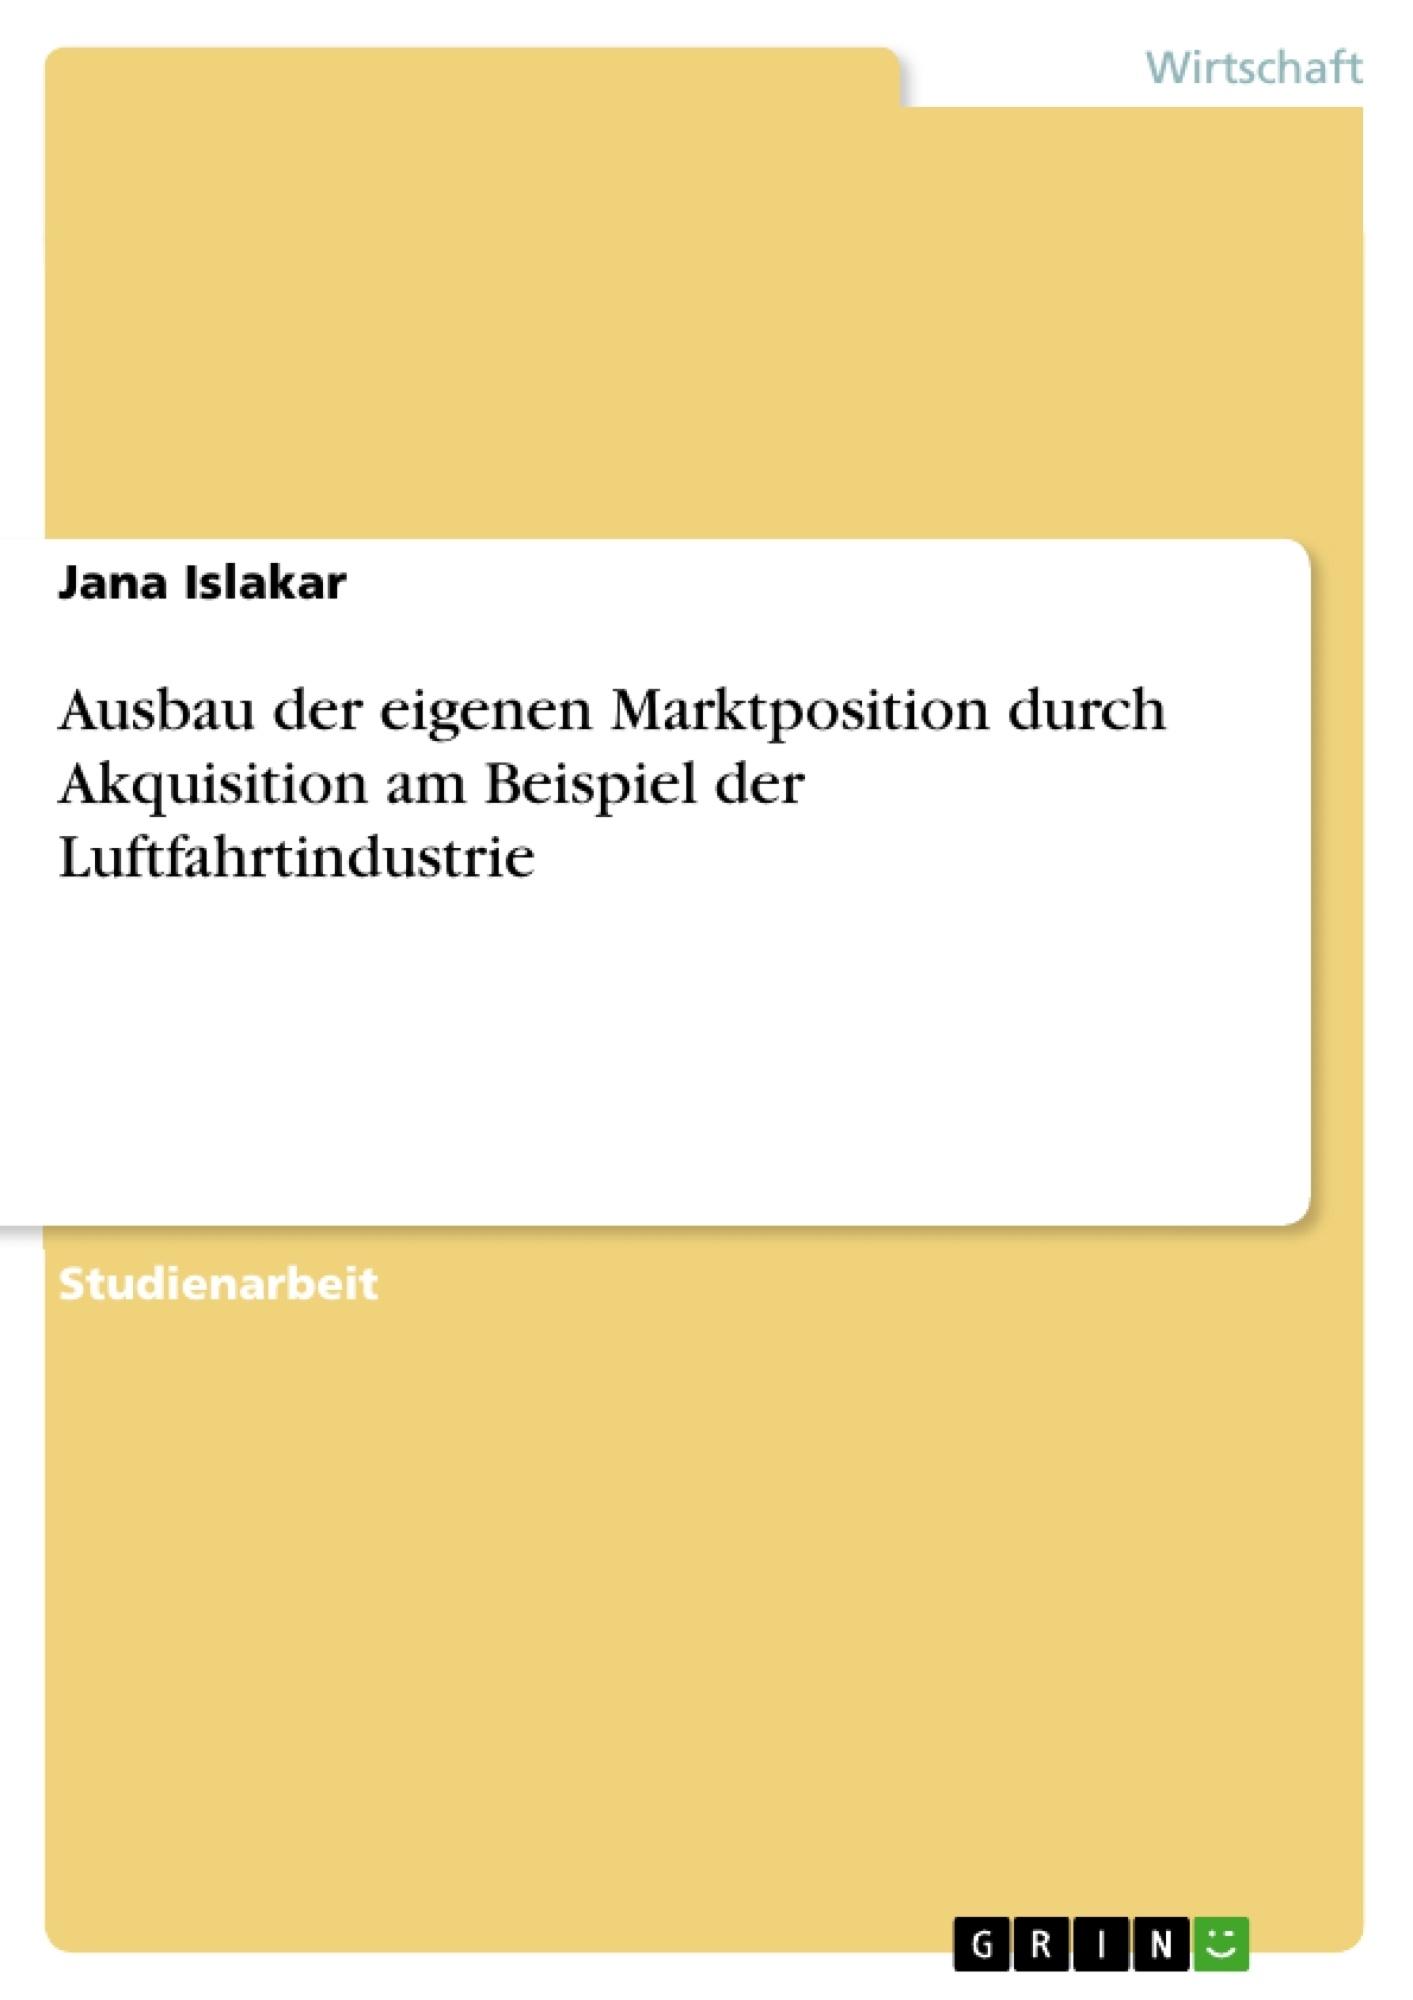 Titel: Ausbau der eigenen Marktposition durch Akquisition am Beispiel der Luftfahrtindustrie